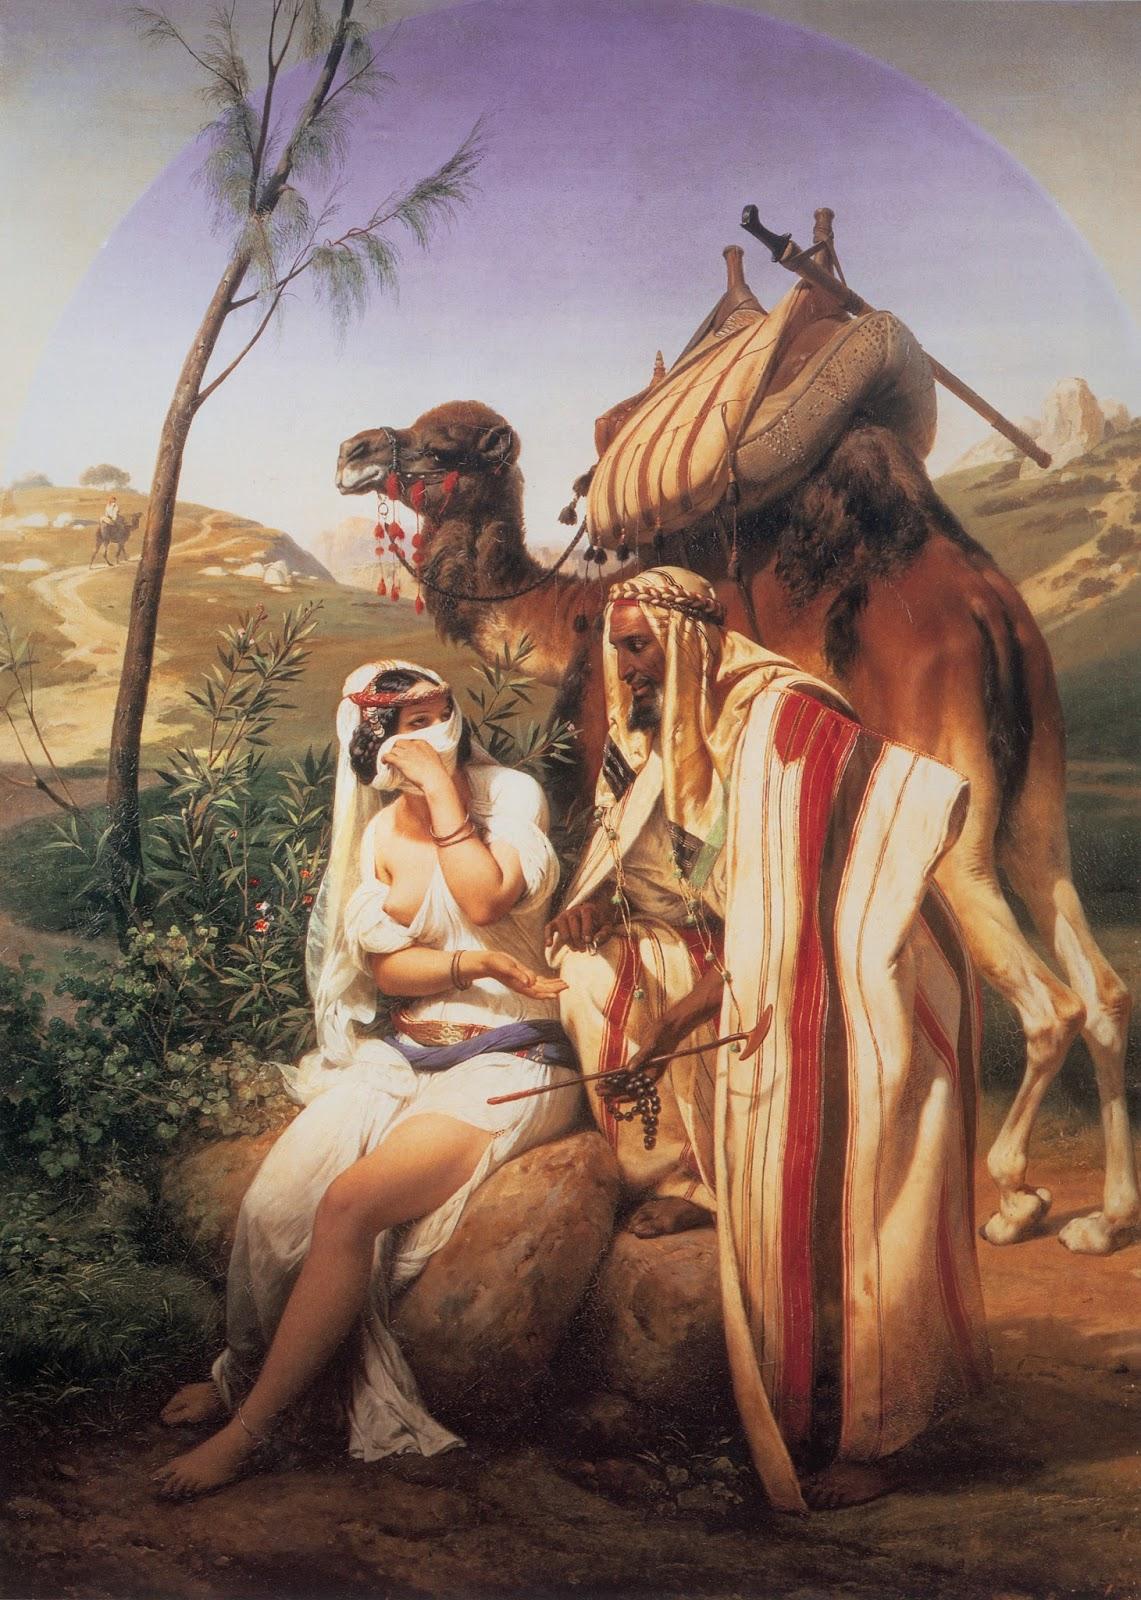 Judah and Tamar (1840)